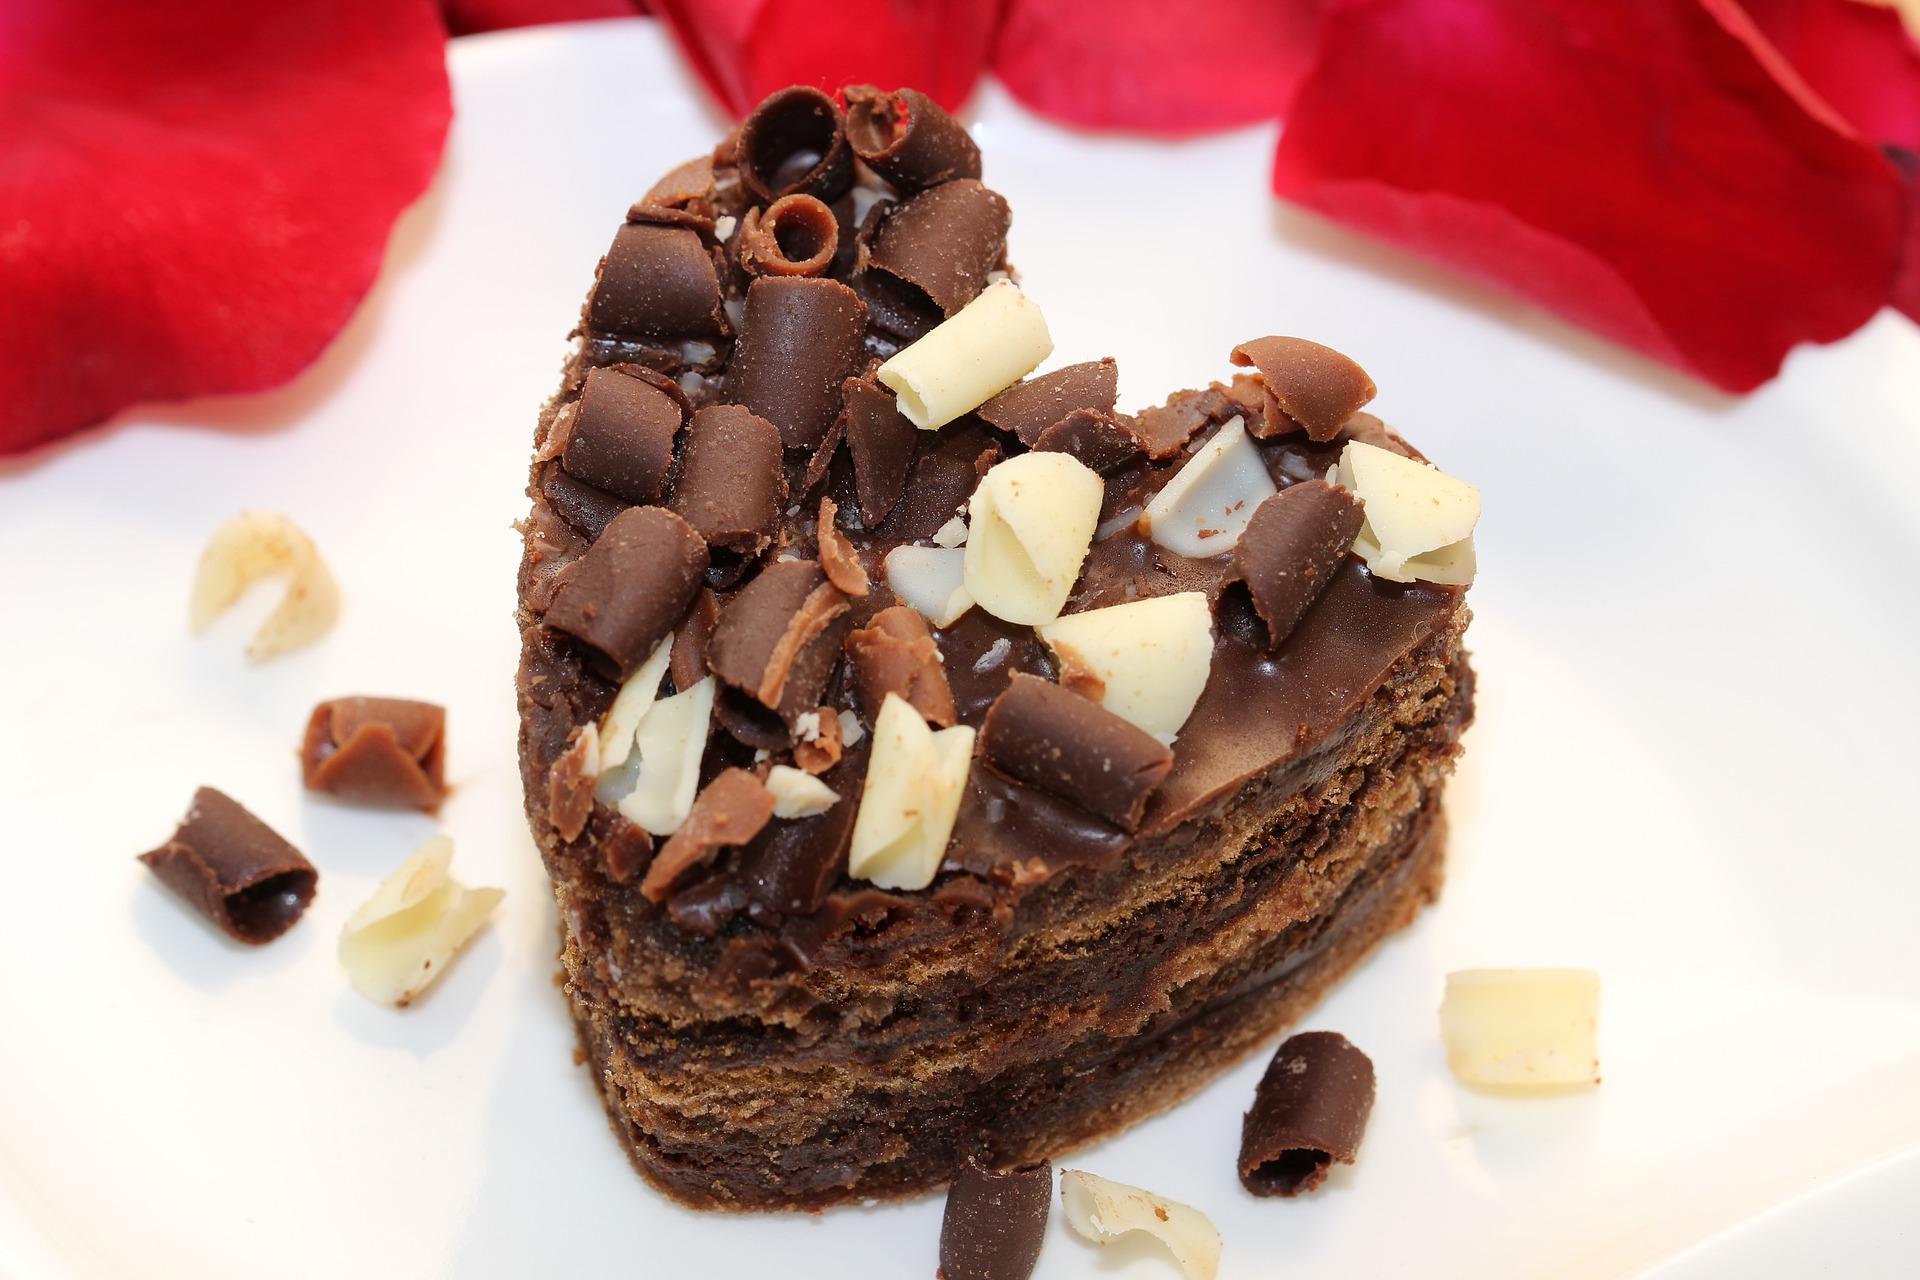 biscuittaart met chocolademousse en chocolade krullen